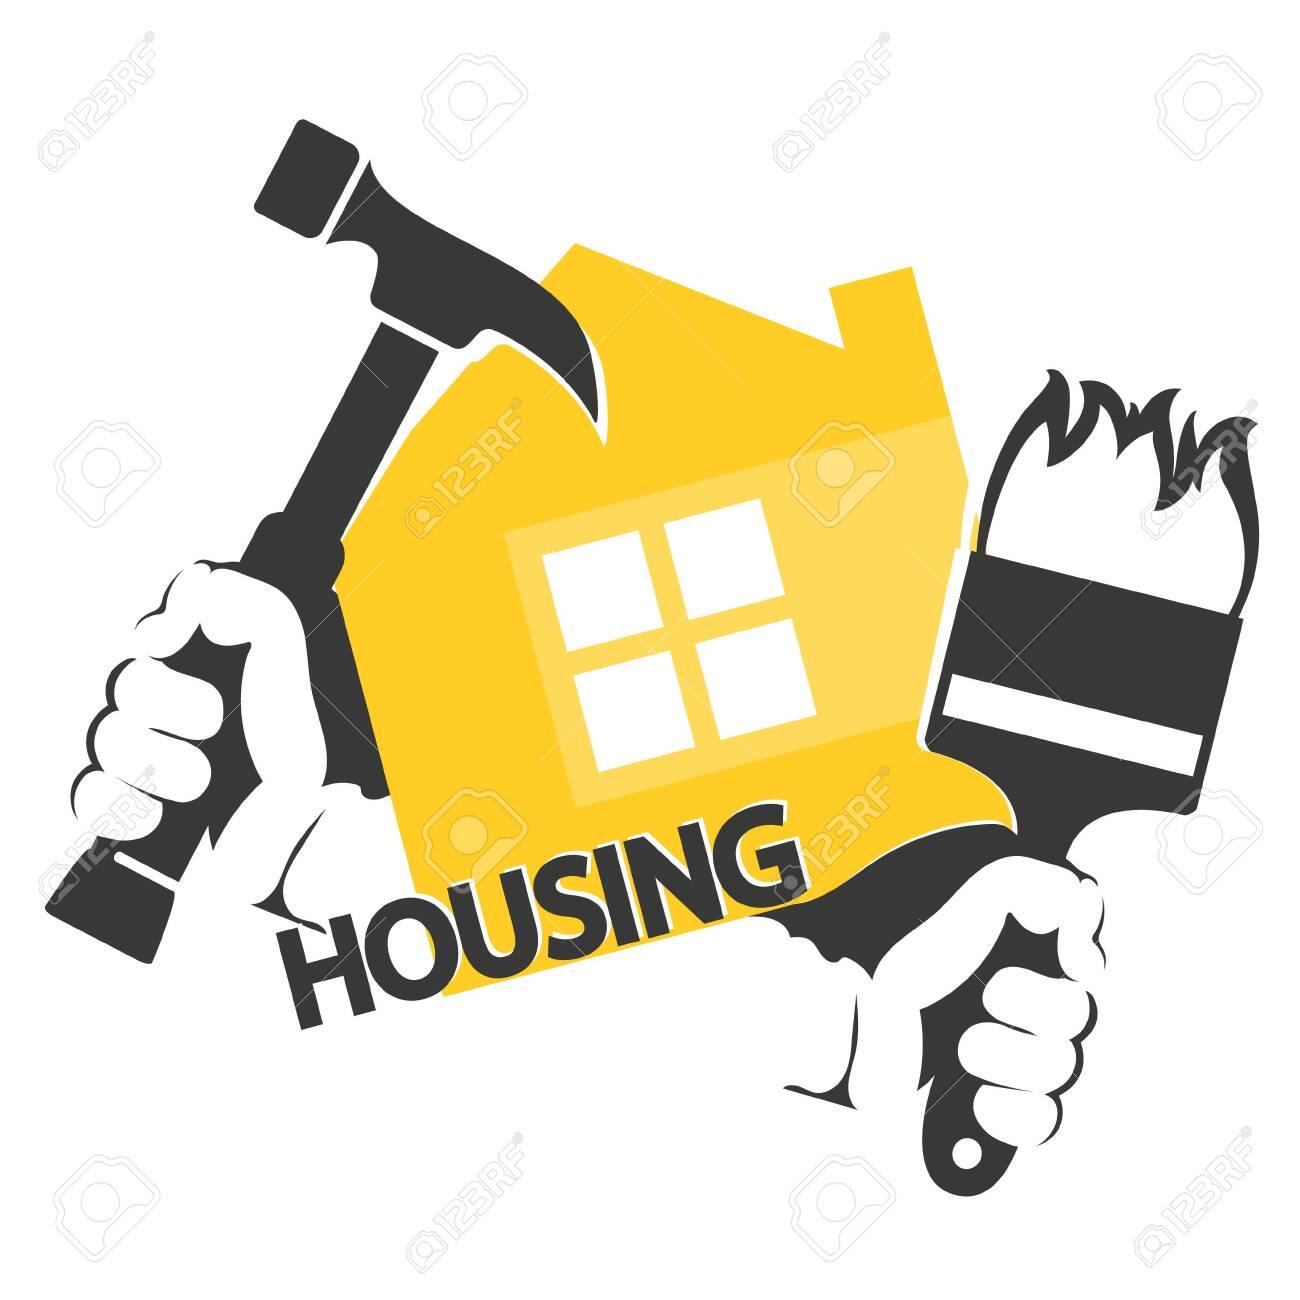 Housing repair symbol hammer and brush tool in hand - 129709726